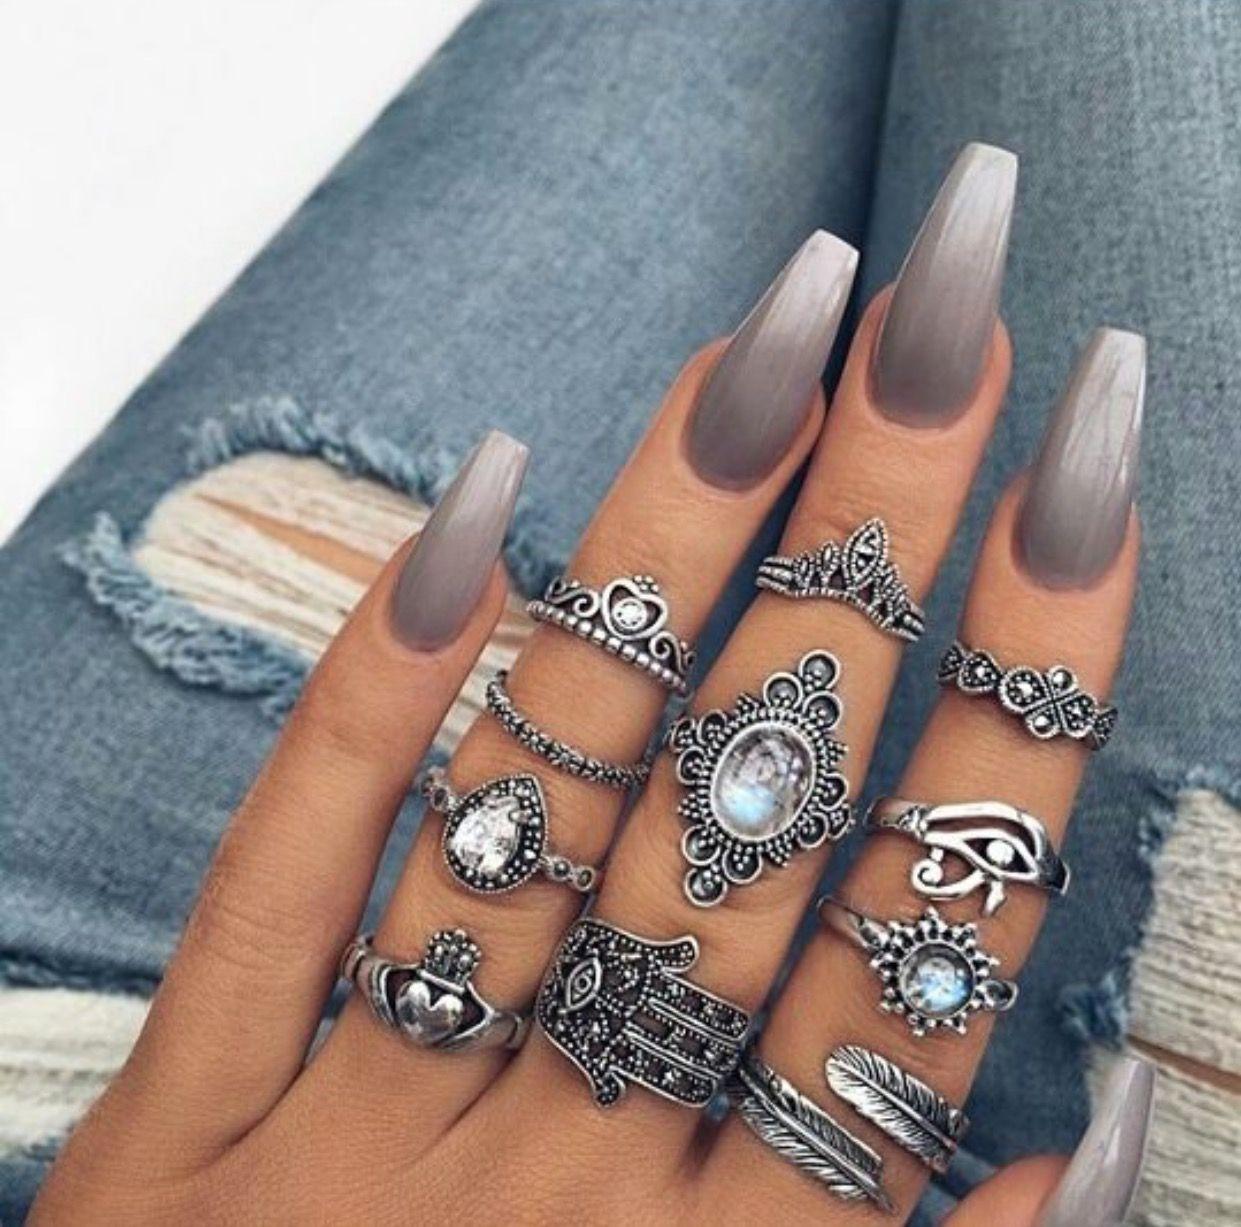 Nudechanelx | NAILS | Pinterest | Makeup, Nail nail and Nail inspo